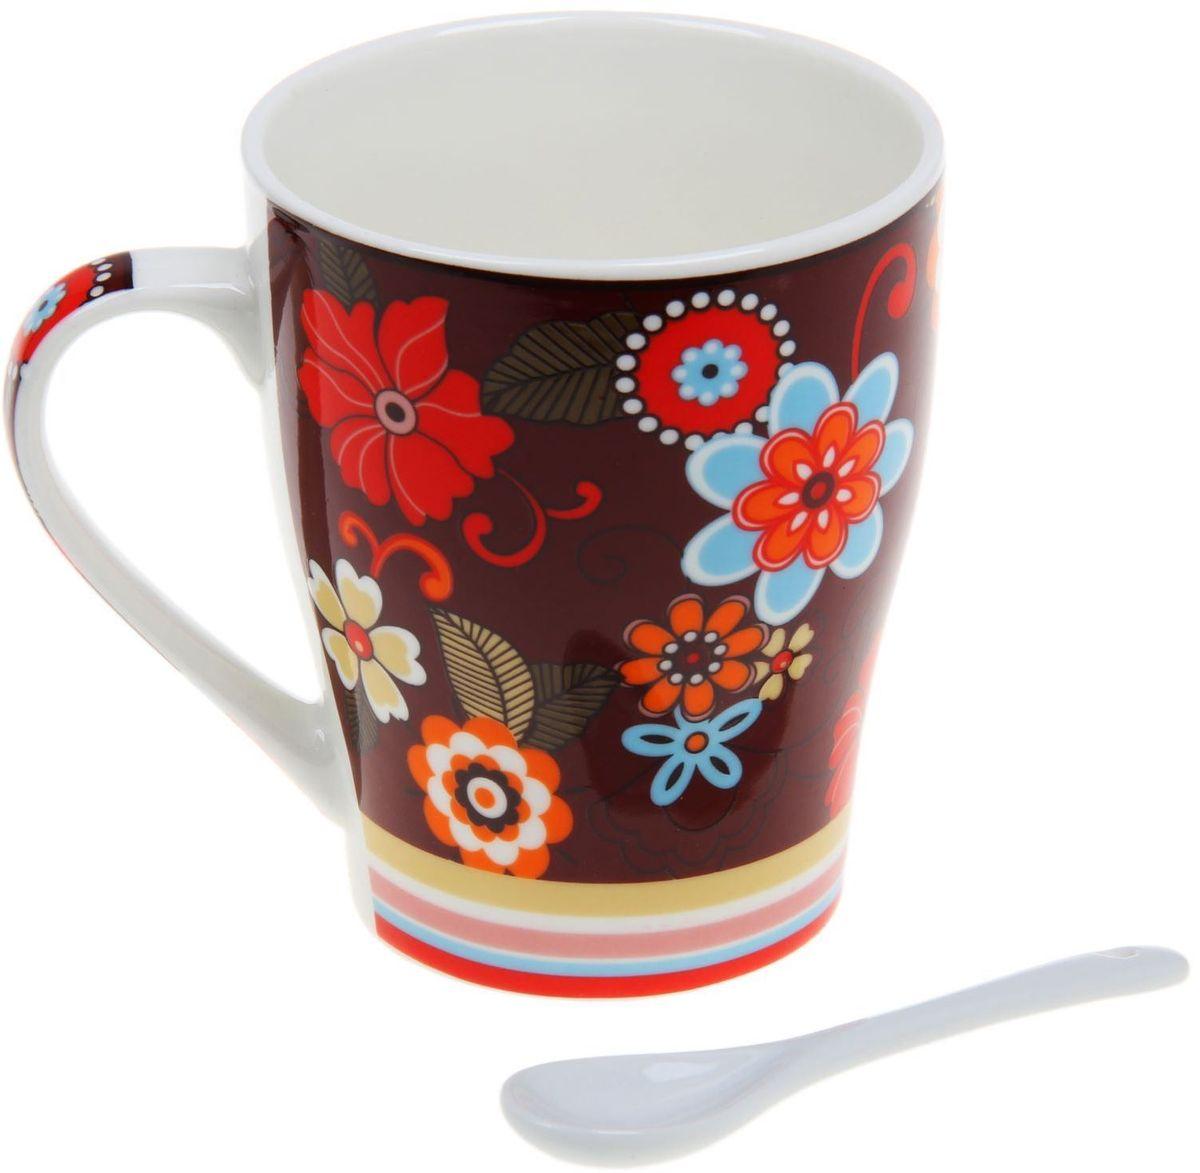 Кружка Доляна Мария, с ложкой, 300 мл103082Кружка Доляна Мария изготовлена из высококачественной керамики. Изделие оформлено красочным рисунком и покрыто превосходной сверкающей глазурью. Изысканная кружка прекрасно оформит стол к чаепитию и станет его неизменным атрибутом.В комплект входит чайная ложка.